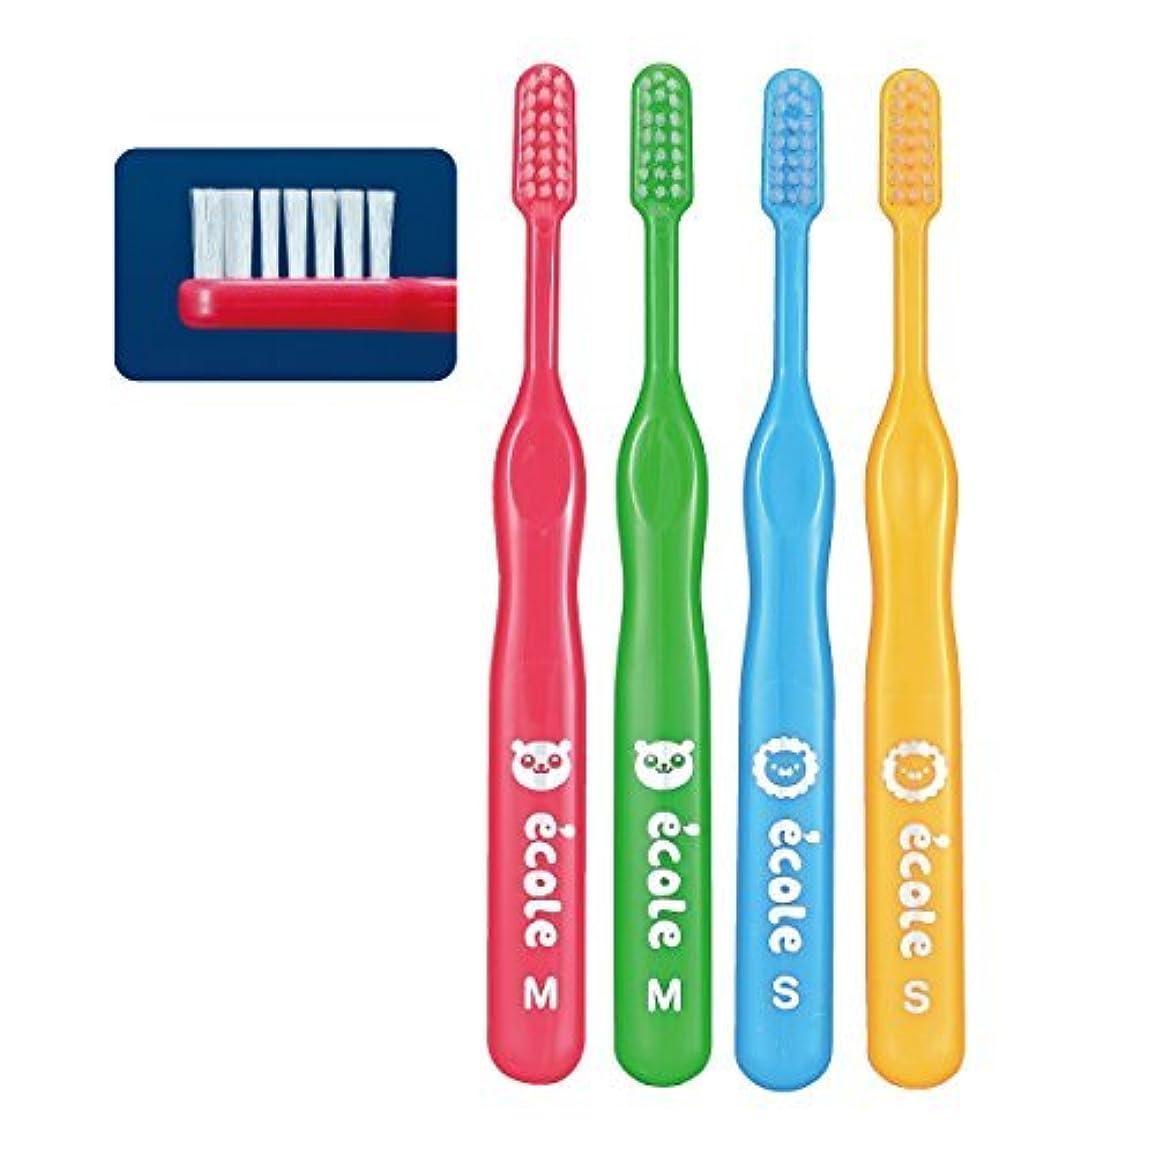 乗って出来事定期的にリセラ エコル 幼児~小学生用歯ブラシ Mふつう 10本入り